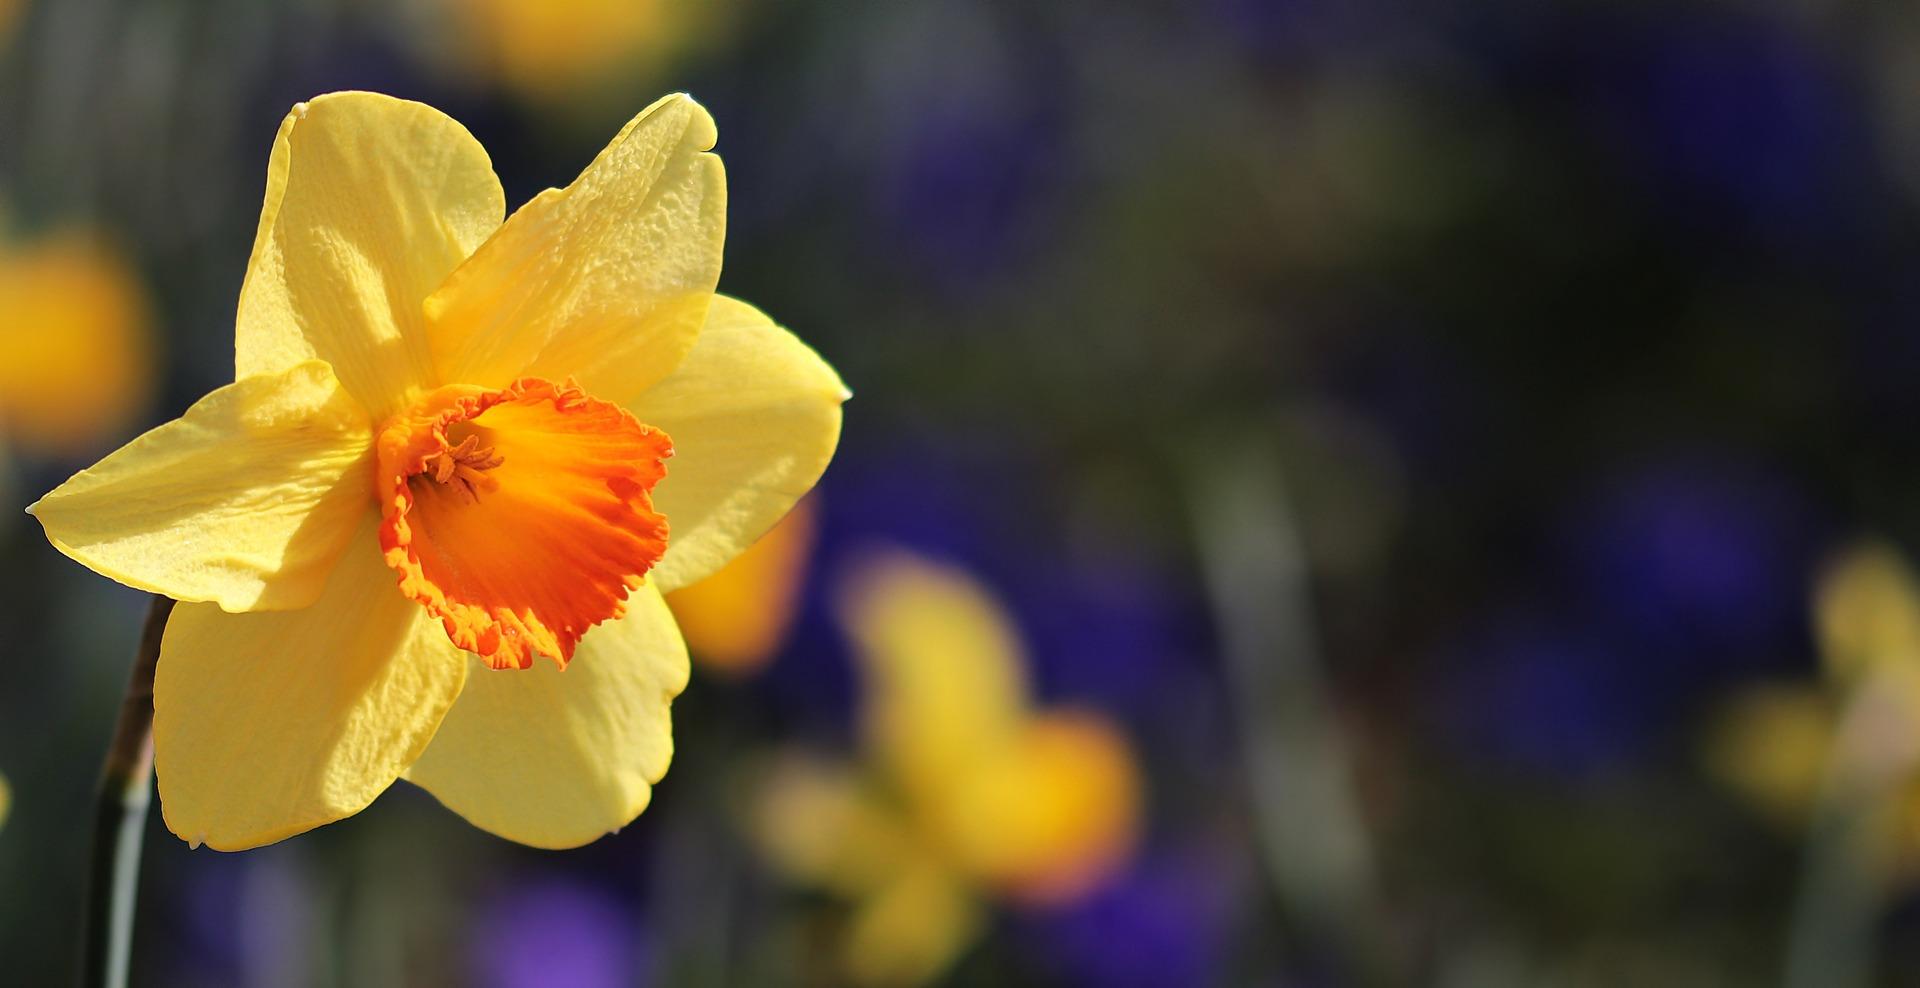 alege floarea preferata - narcisa - sfatulparintilor.ro - pixabay_com - flower-3306691_1920